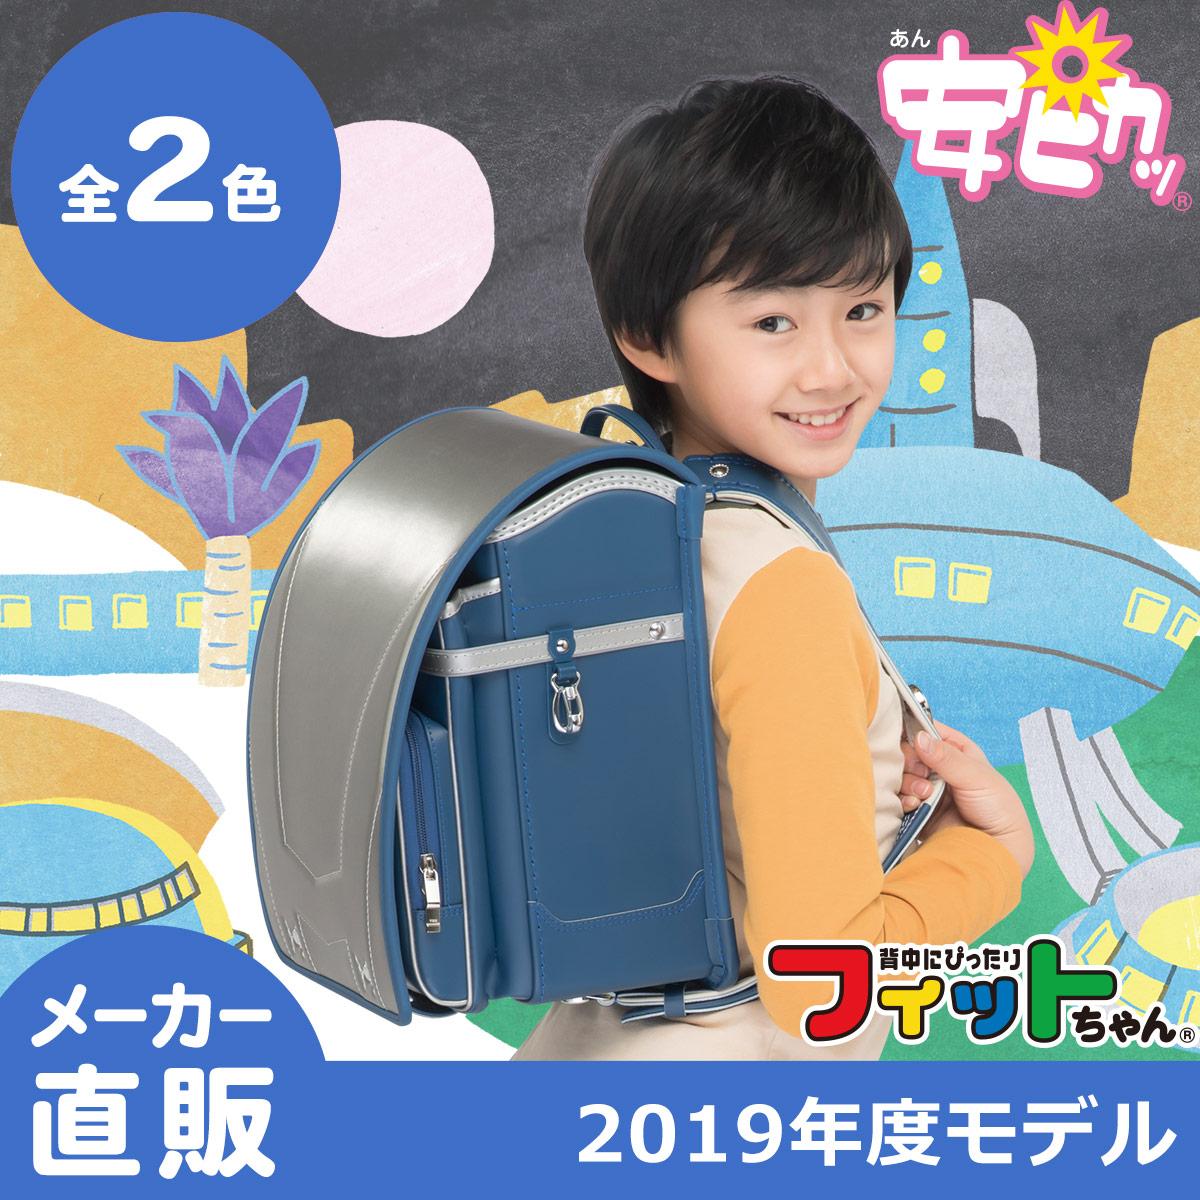 フィットちゃん 男の子 ハンサムボーイ 安ピカッタイプ(FIT-211AZ)2019年モデル フィットちゃんランドセルA4フラットファイル収納サイズ